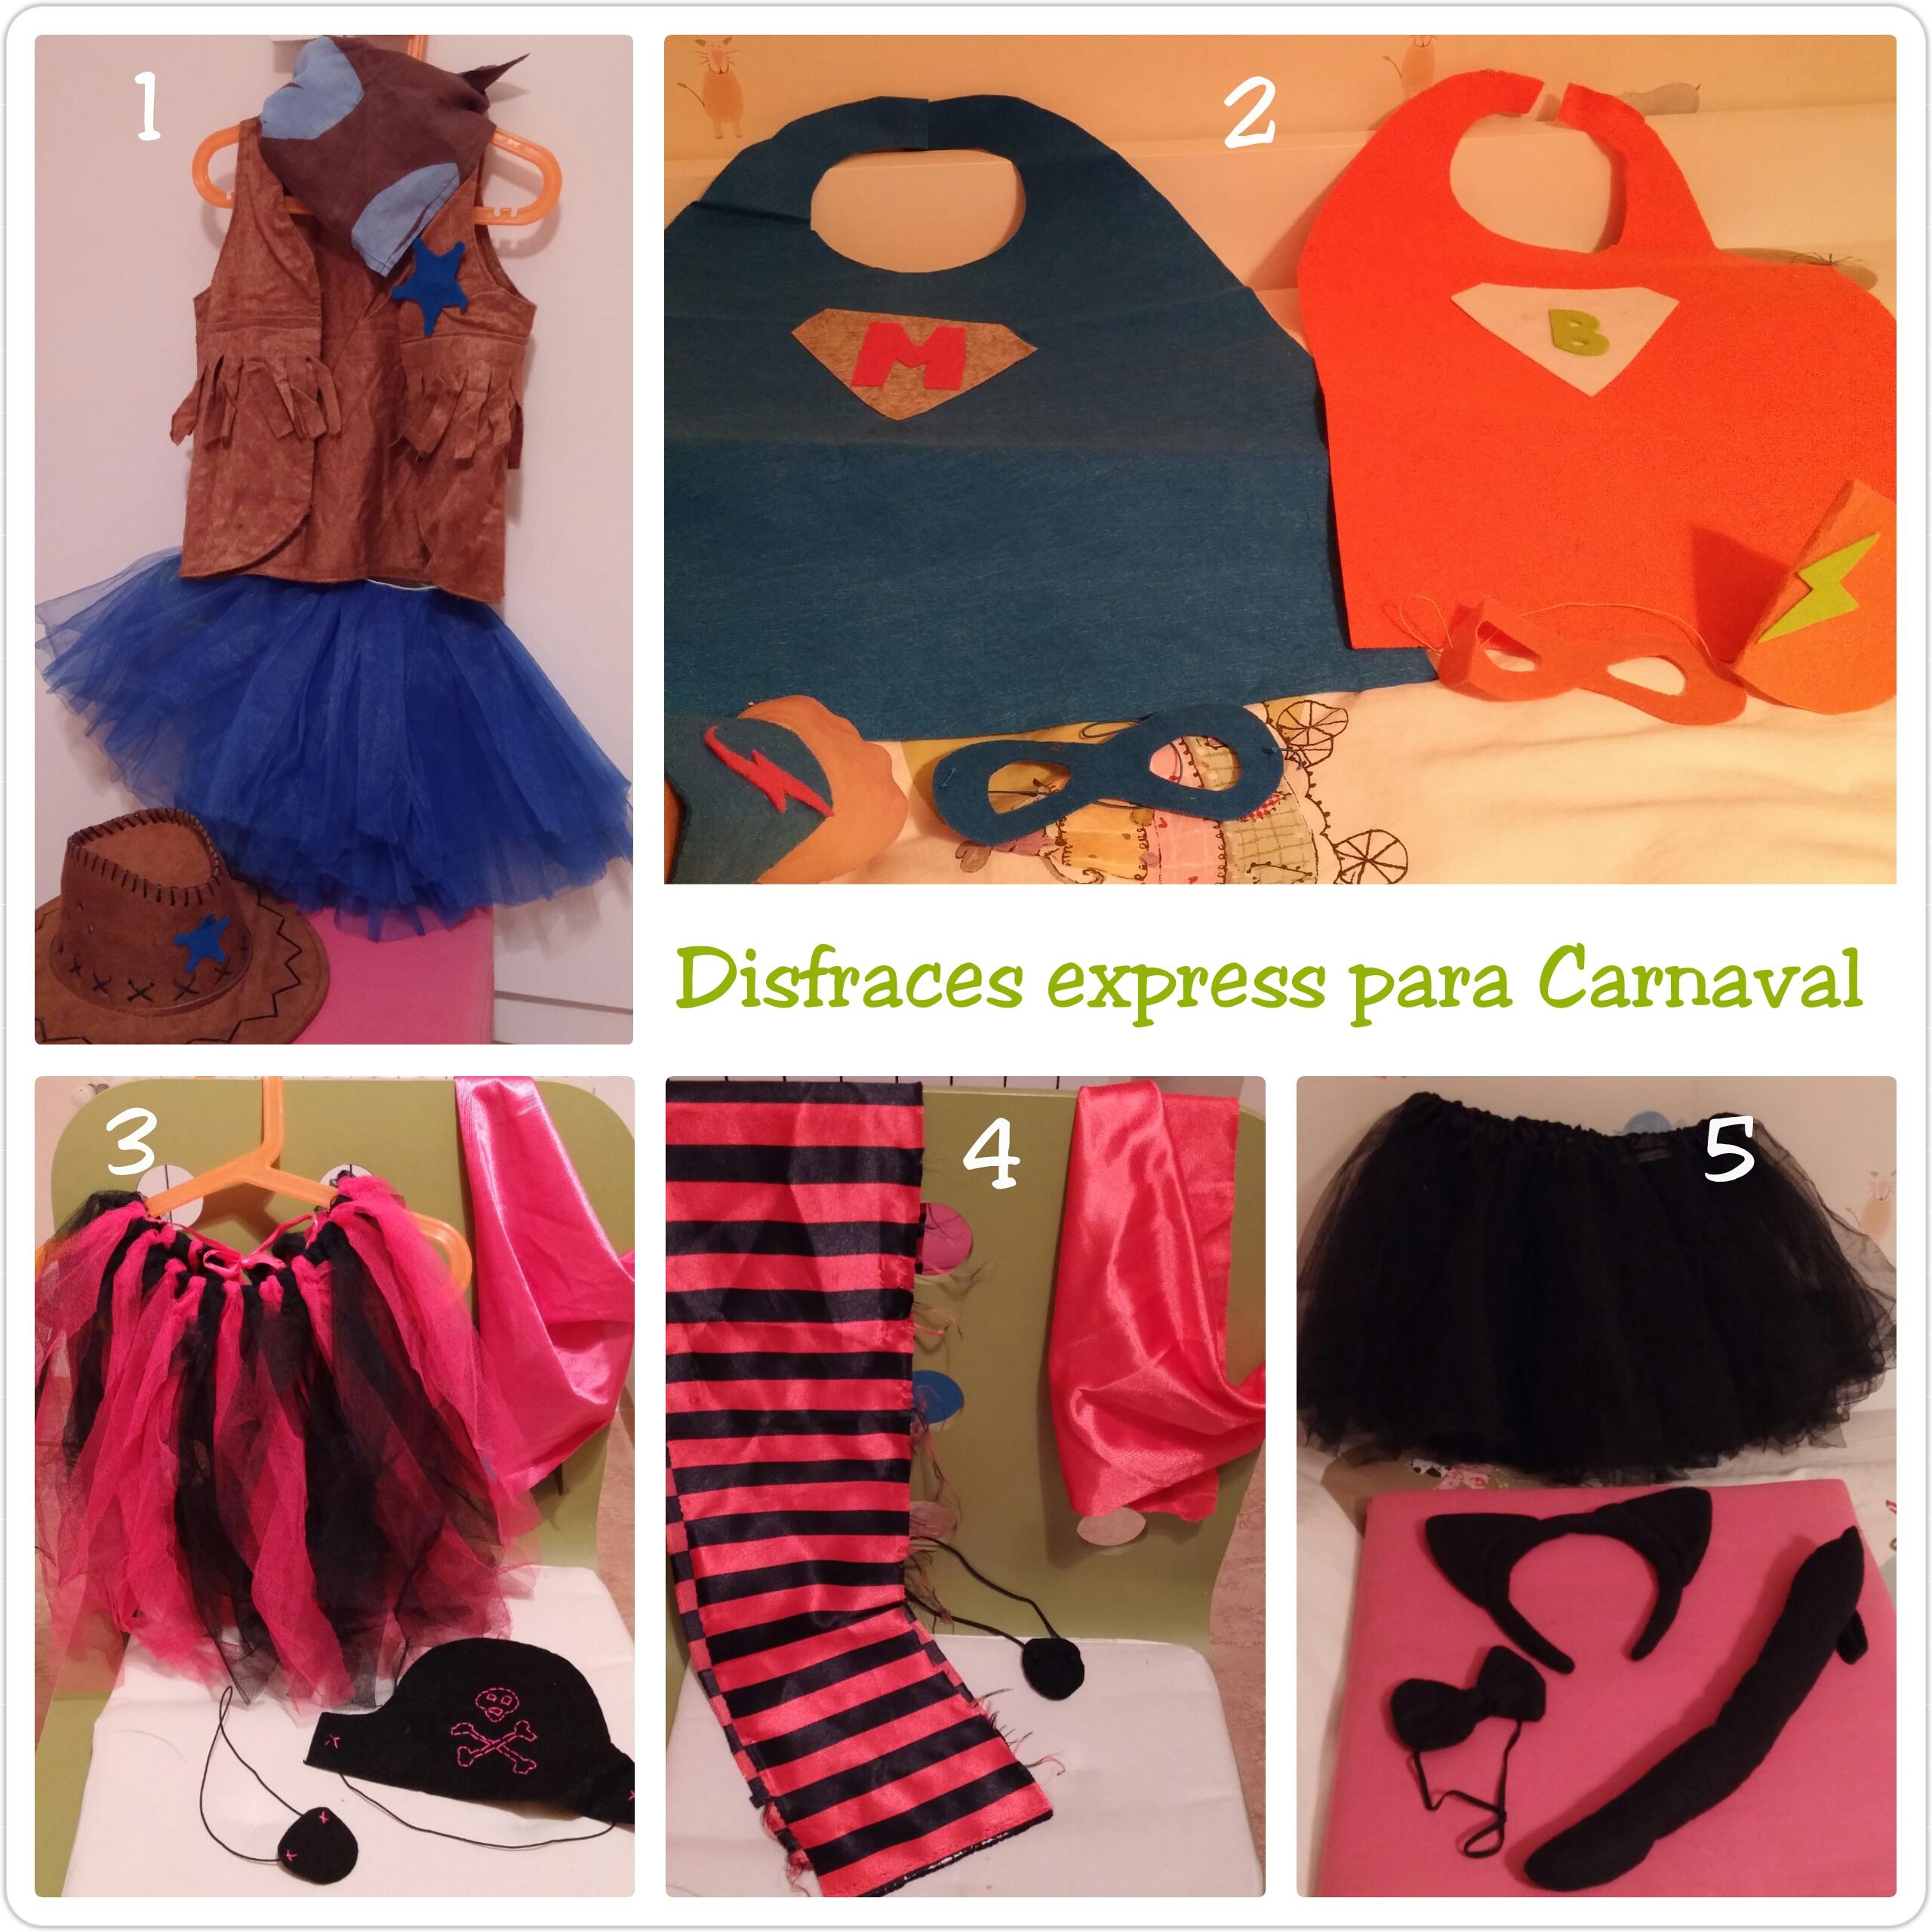 Disfraces express para Carnaval